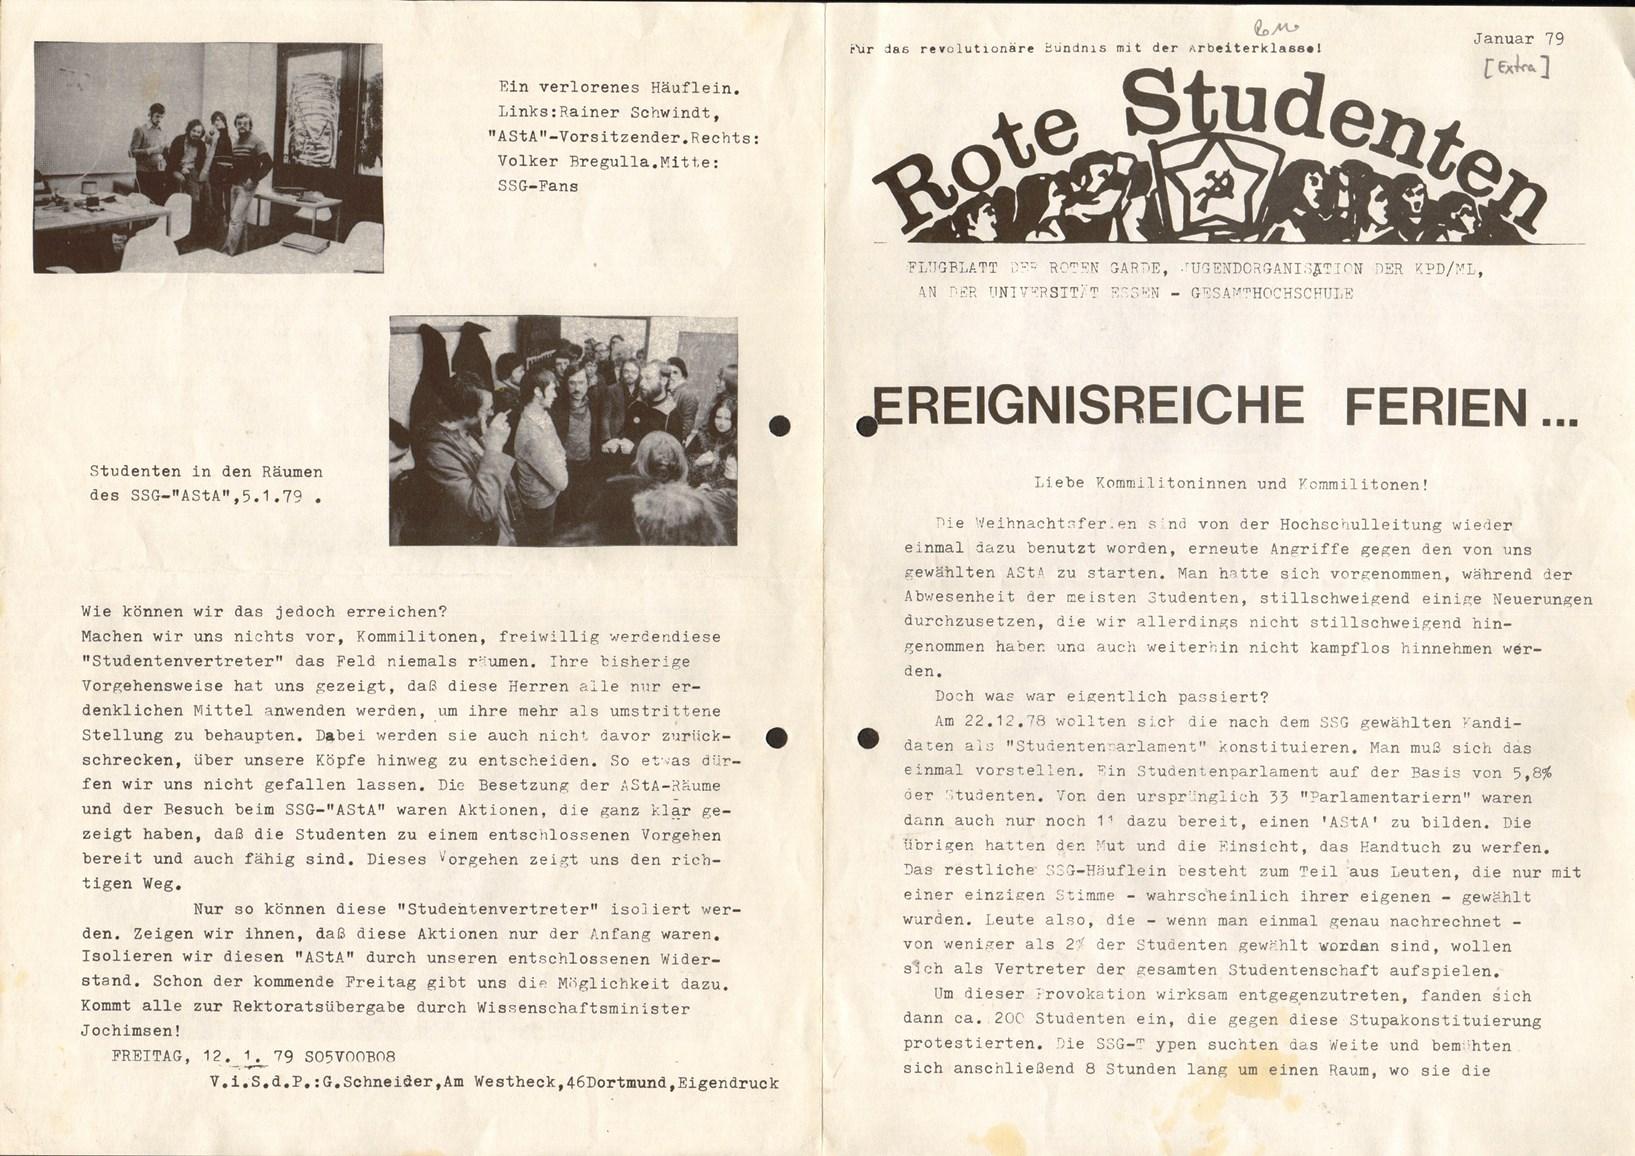 Essen_KSBML_Rote_Studenten_19790100_01